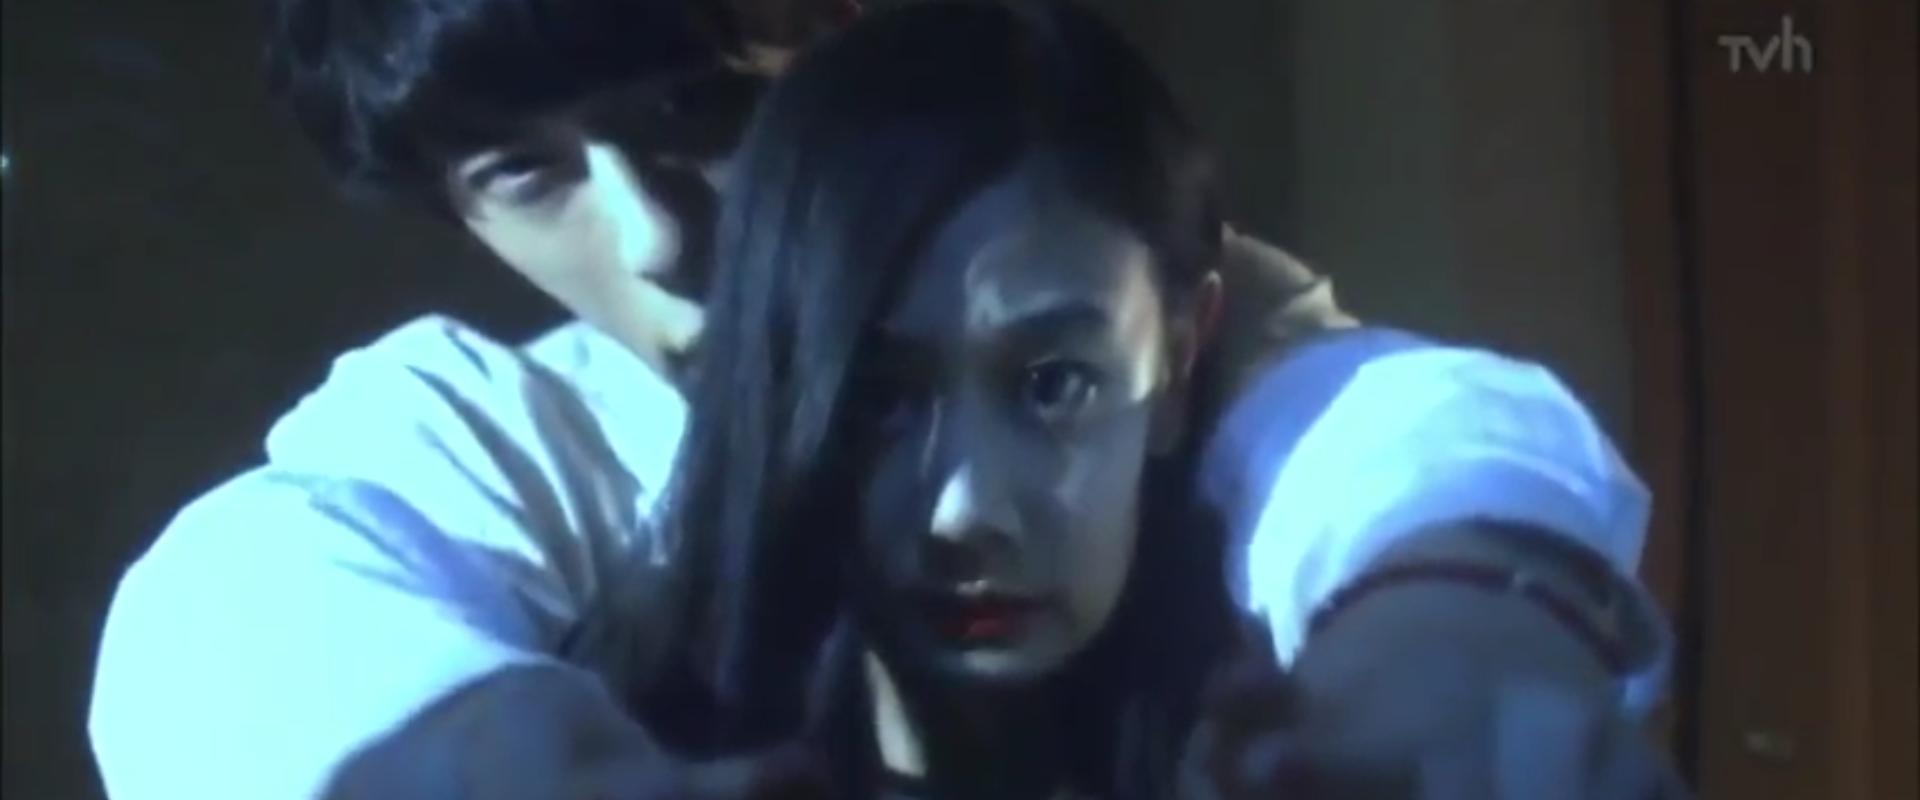 清水富美加(千眼美子)が歌手デビュー 「洗脳されそう」と揶揄も